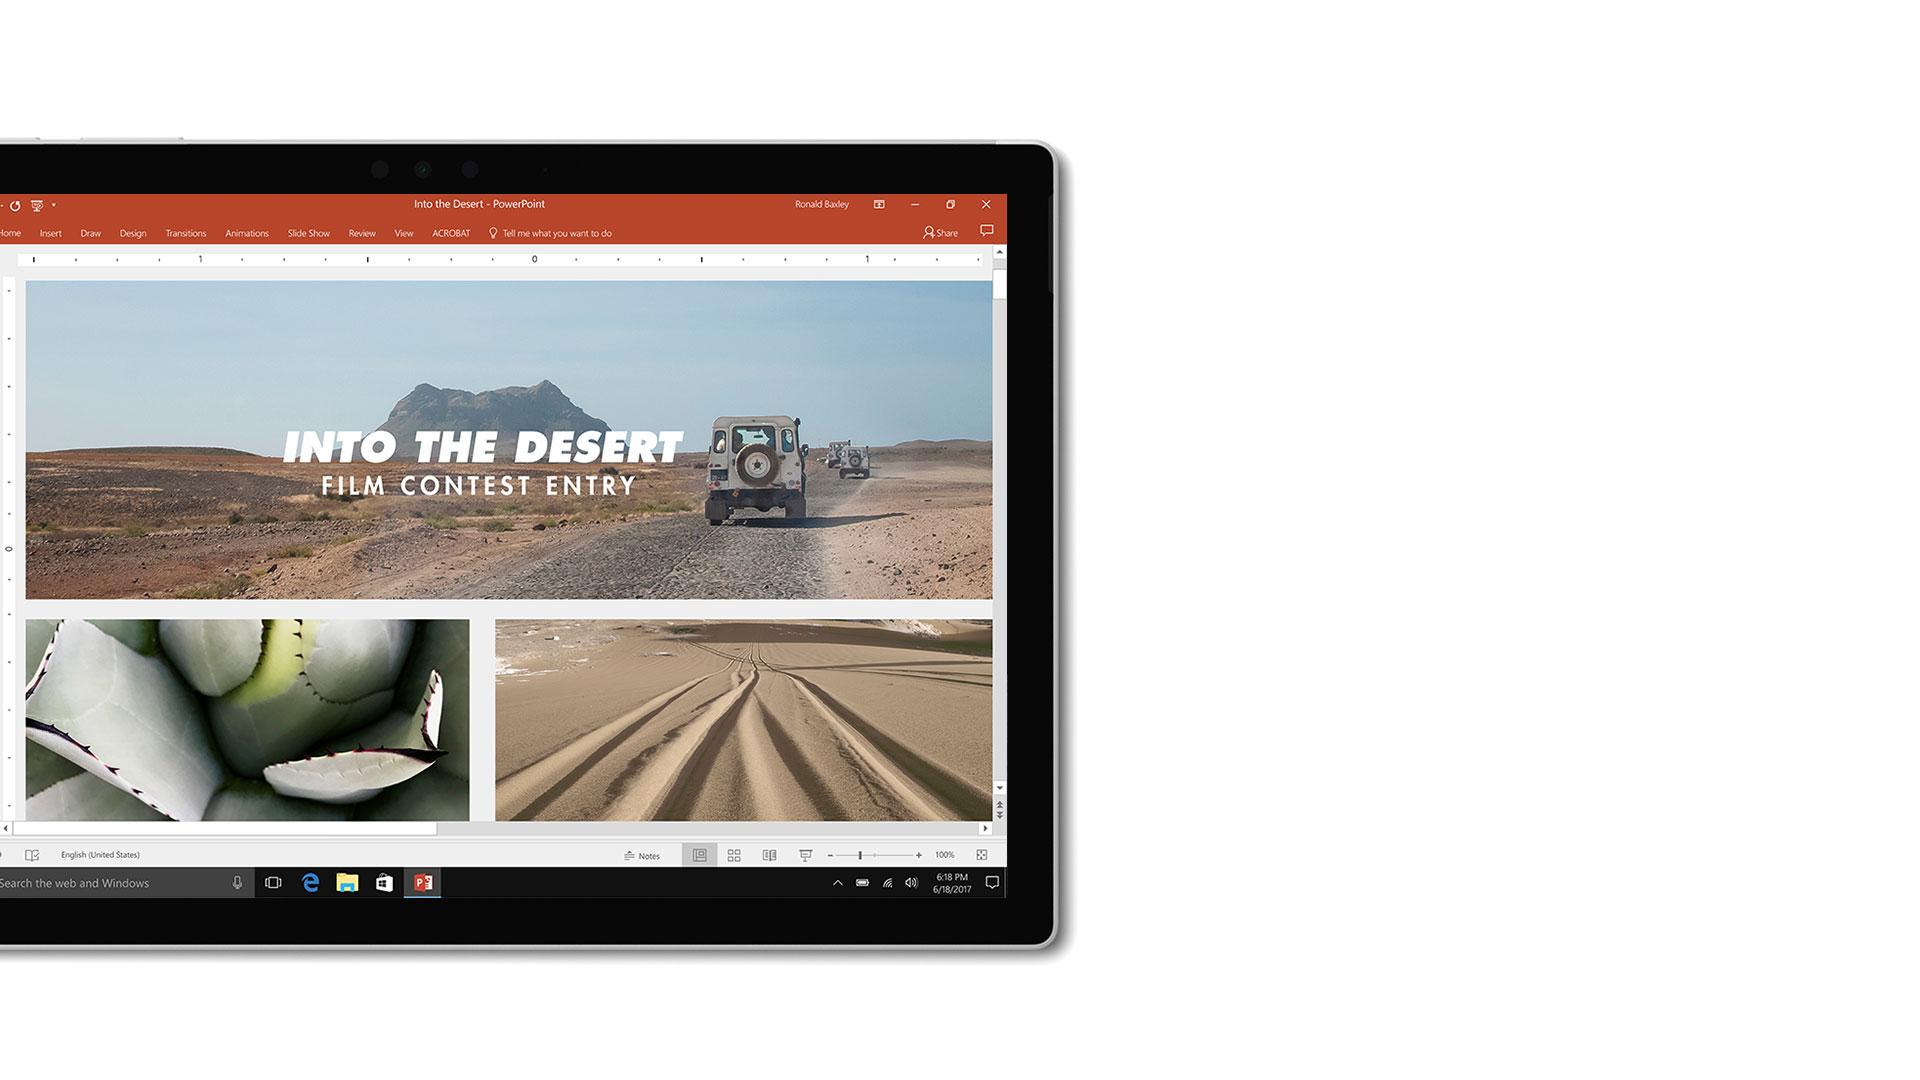 Produktbild der Benutzeroberfläche von Microsoft PowerPoint